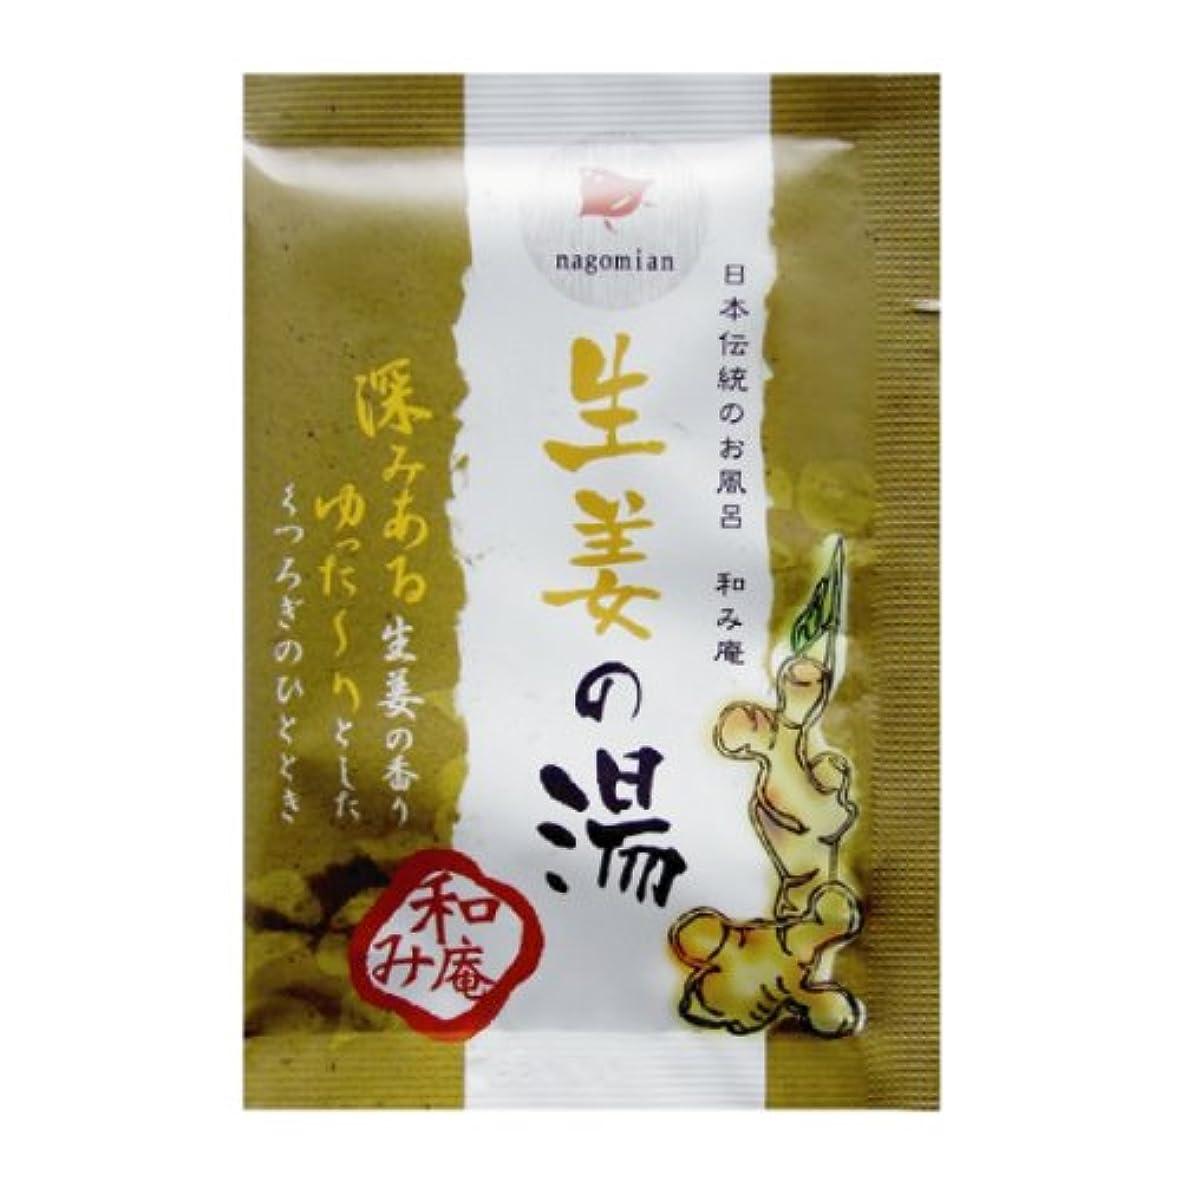 日本伝統のお風呂 和み庵 生姜の湯 200包